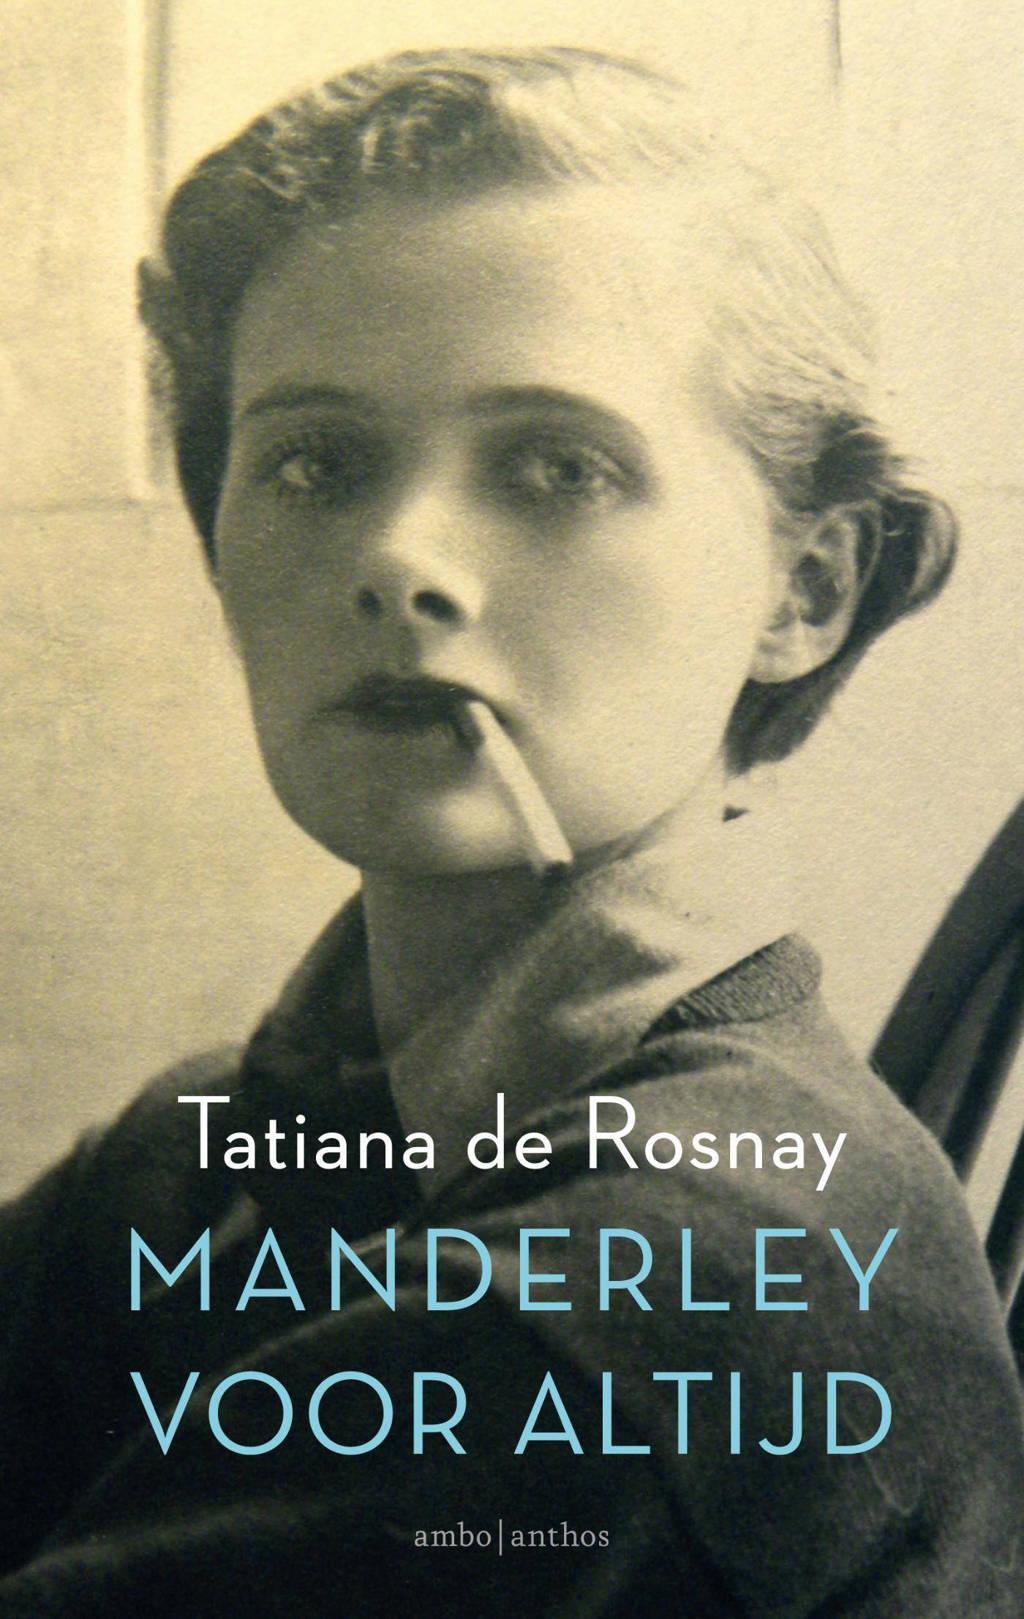 Manderley voor altijd - Tatiana de Rosnay